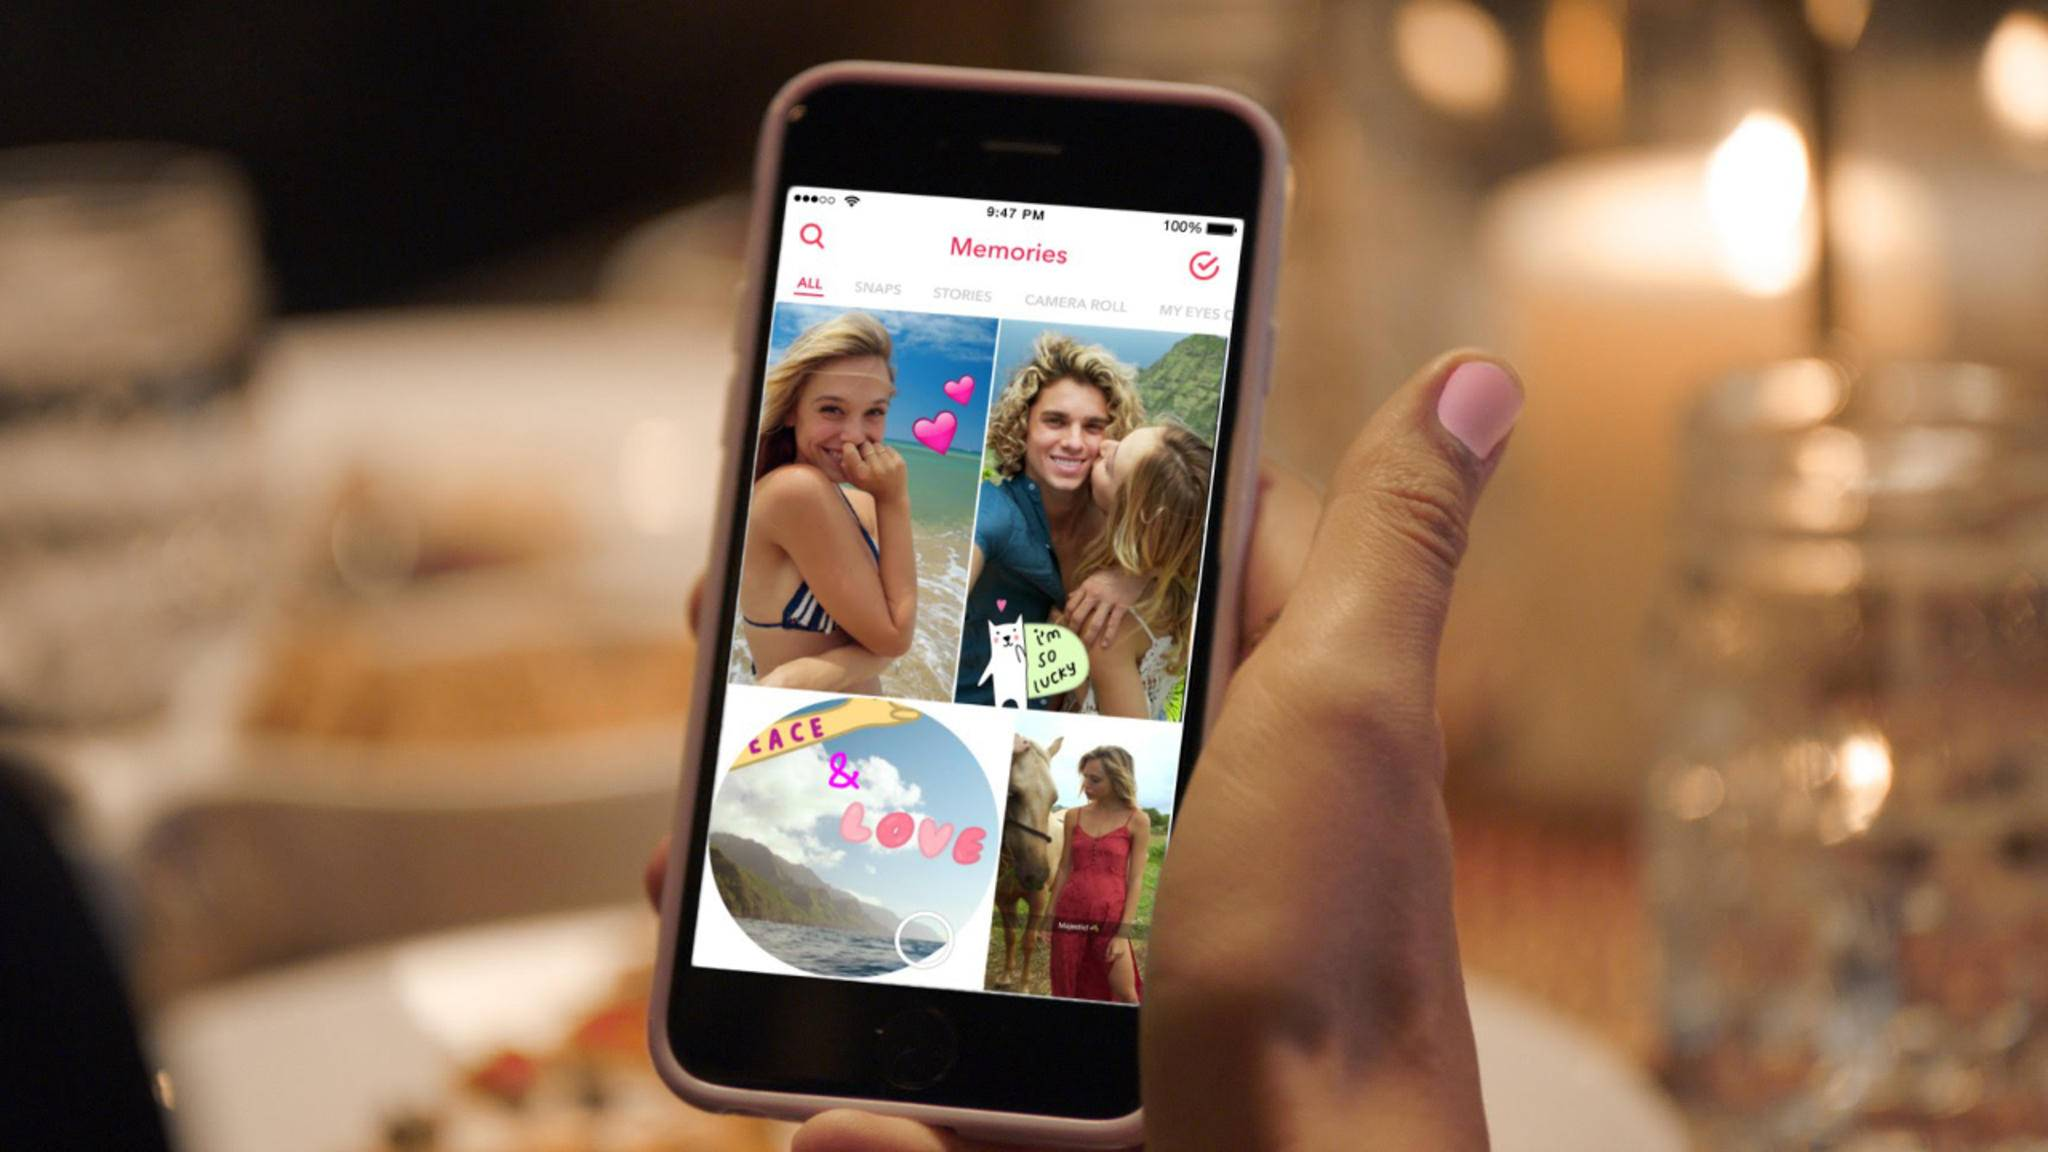 Wir zeigen Dir, wie Du Deinen Snapchat-Account löschen kannst.